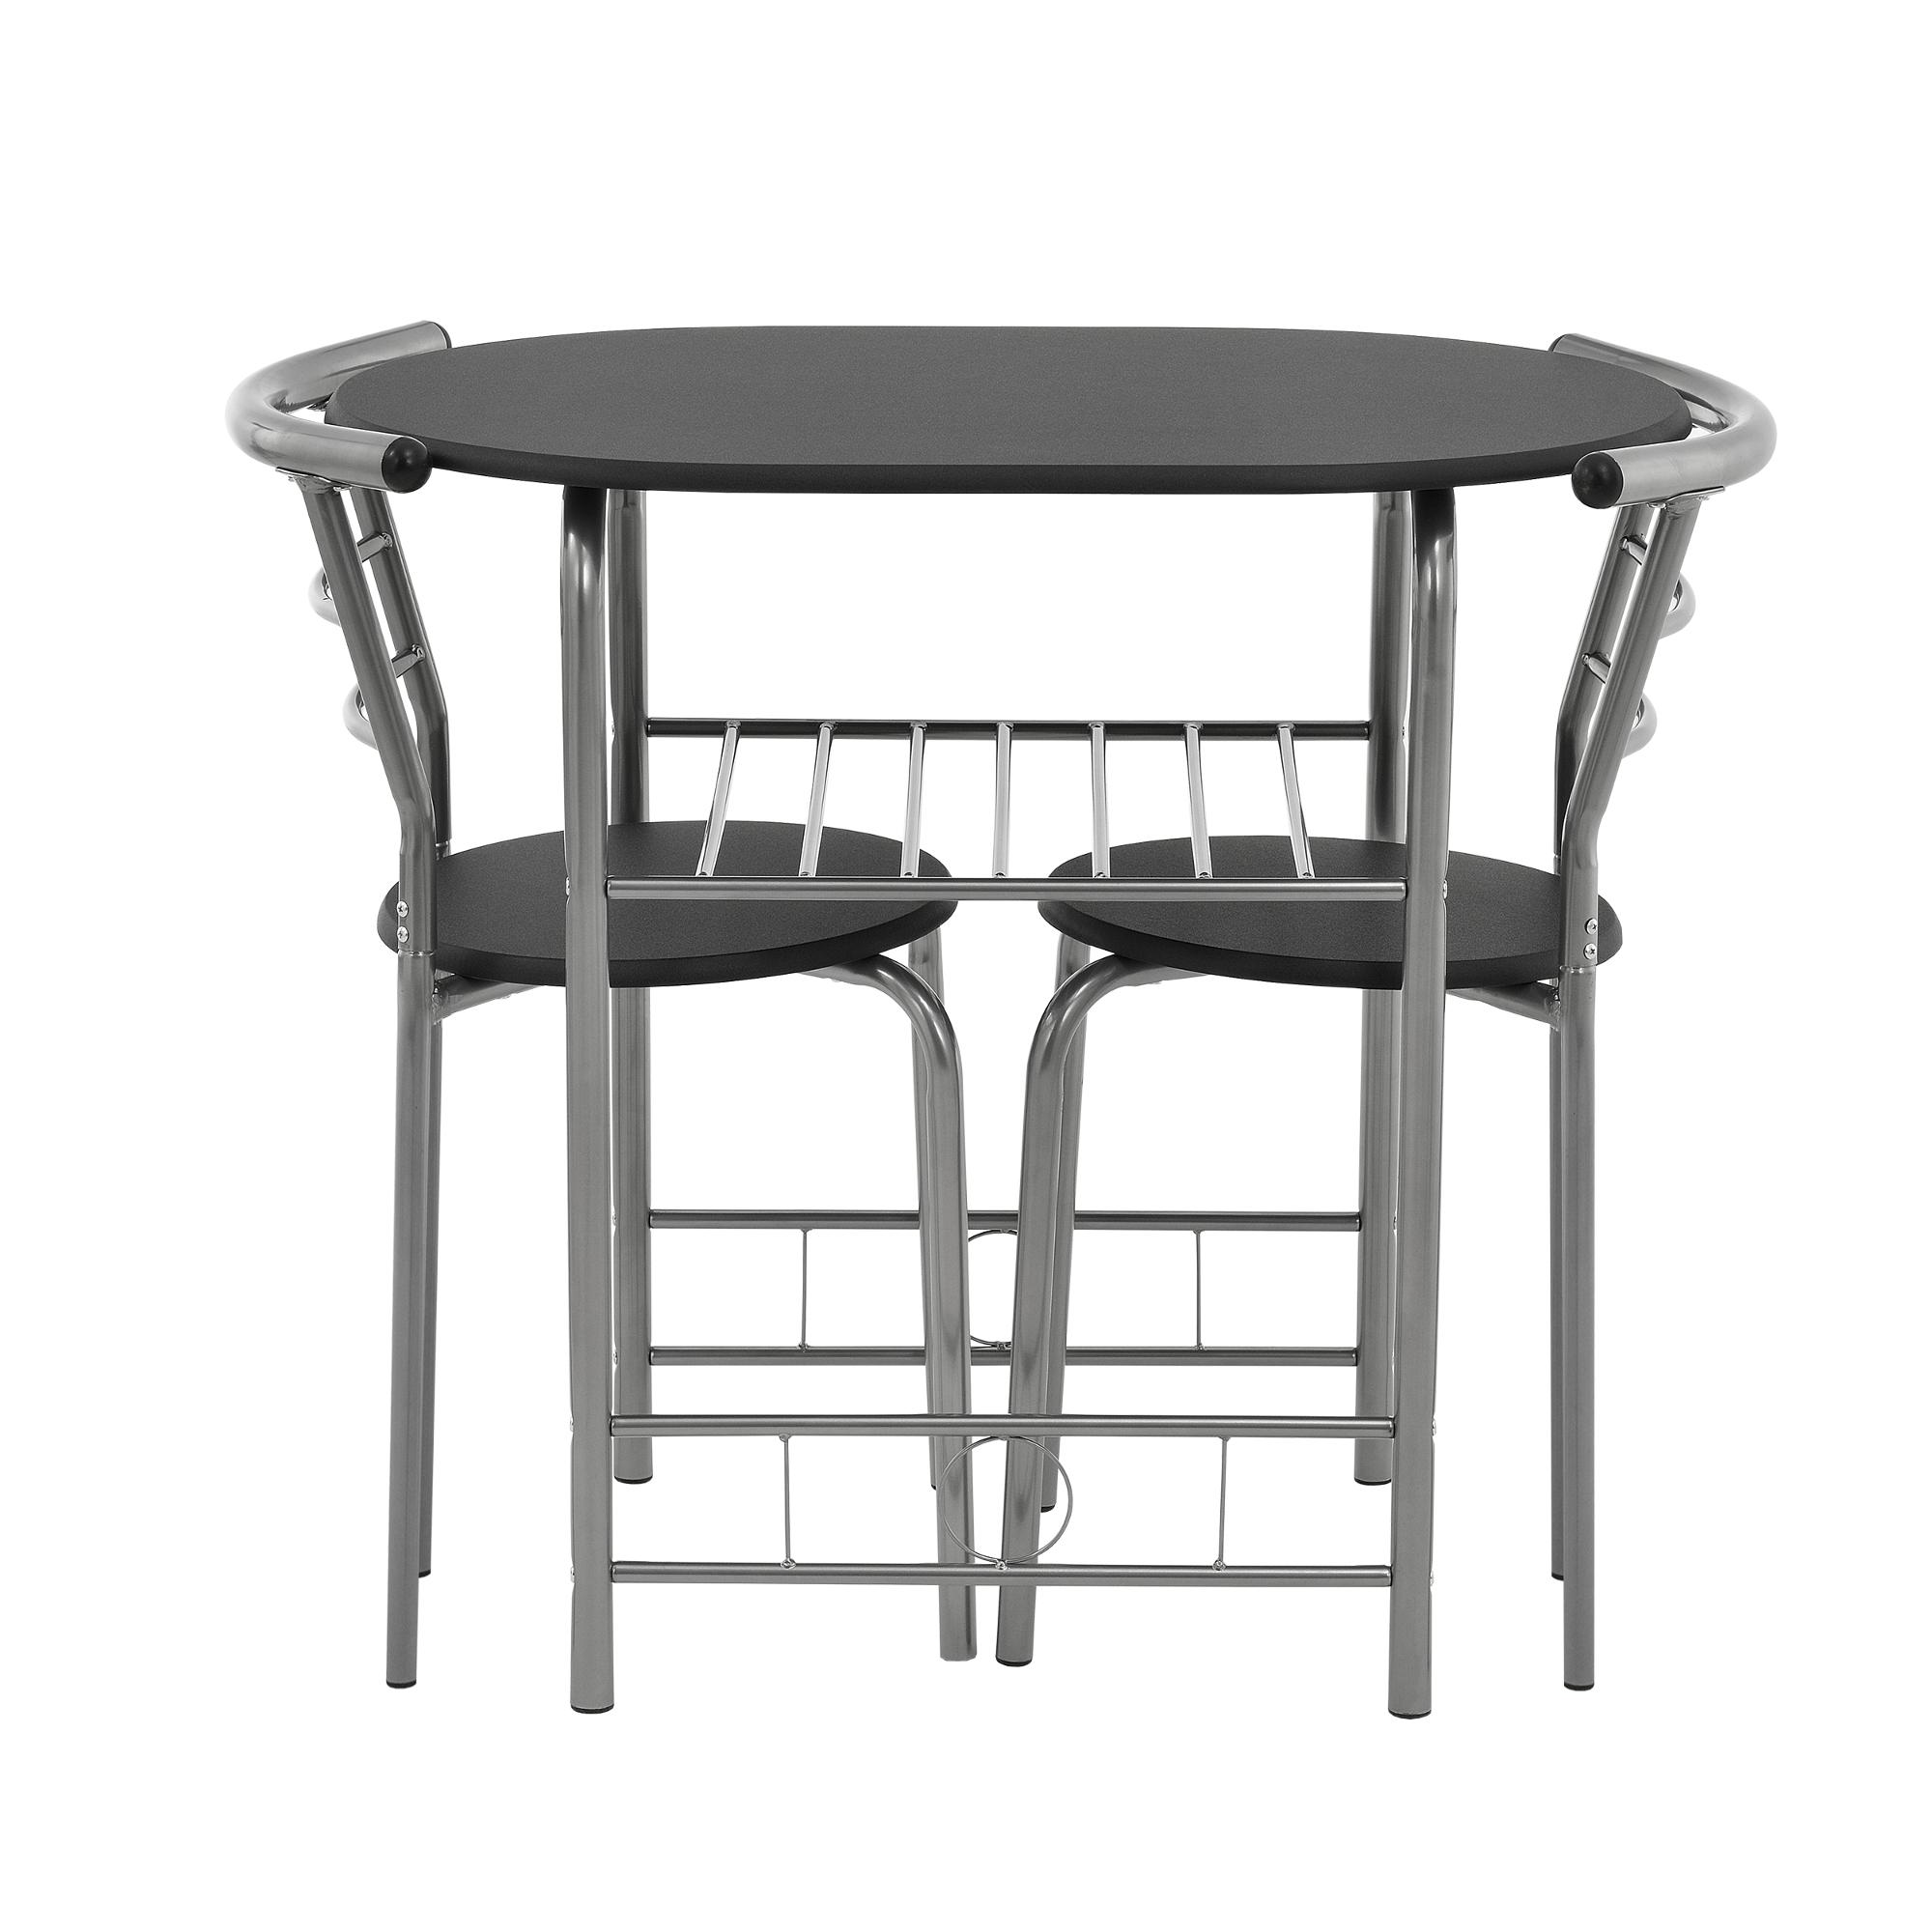 bistro set schwarz grau tisch und stuhlset sitzgruppe esstisch st hle ebay. Black Bedroom Furniture Sets. Home Design Ideas